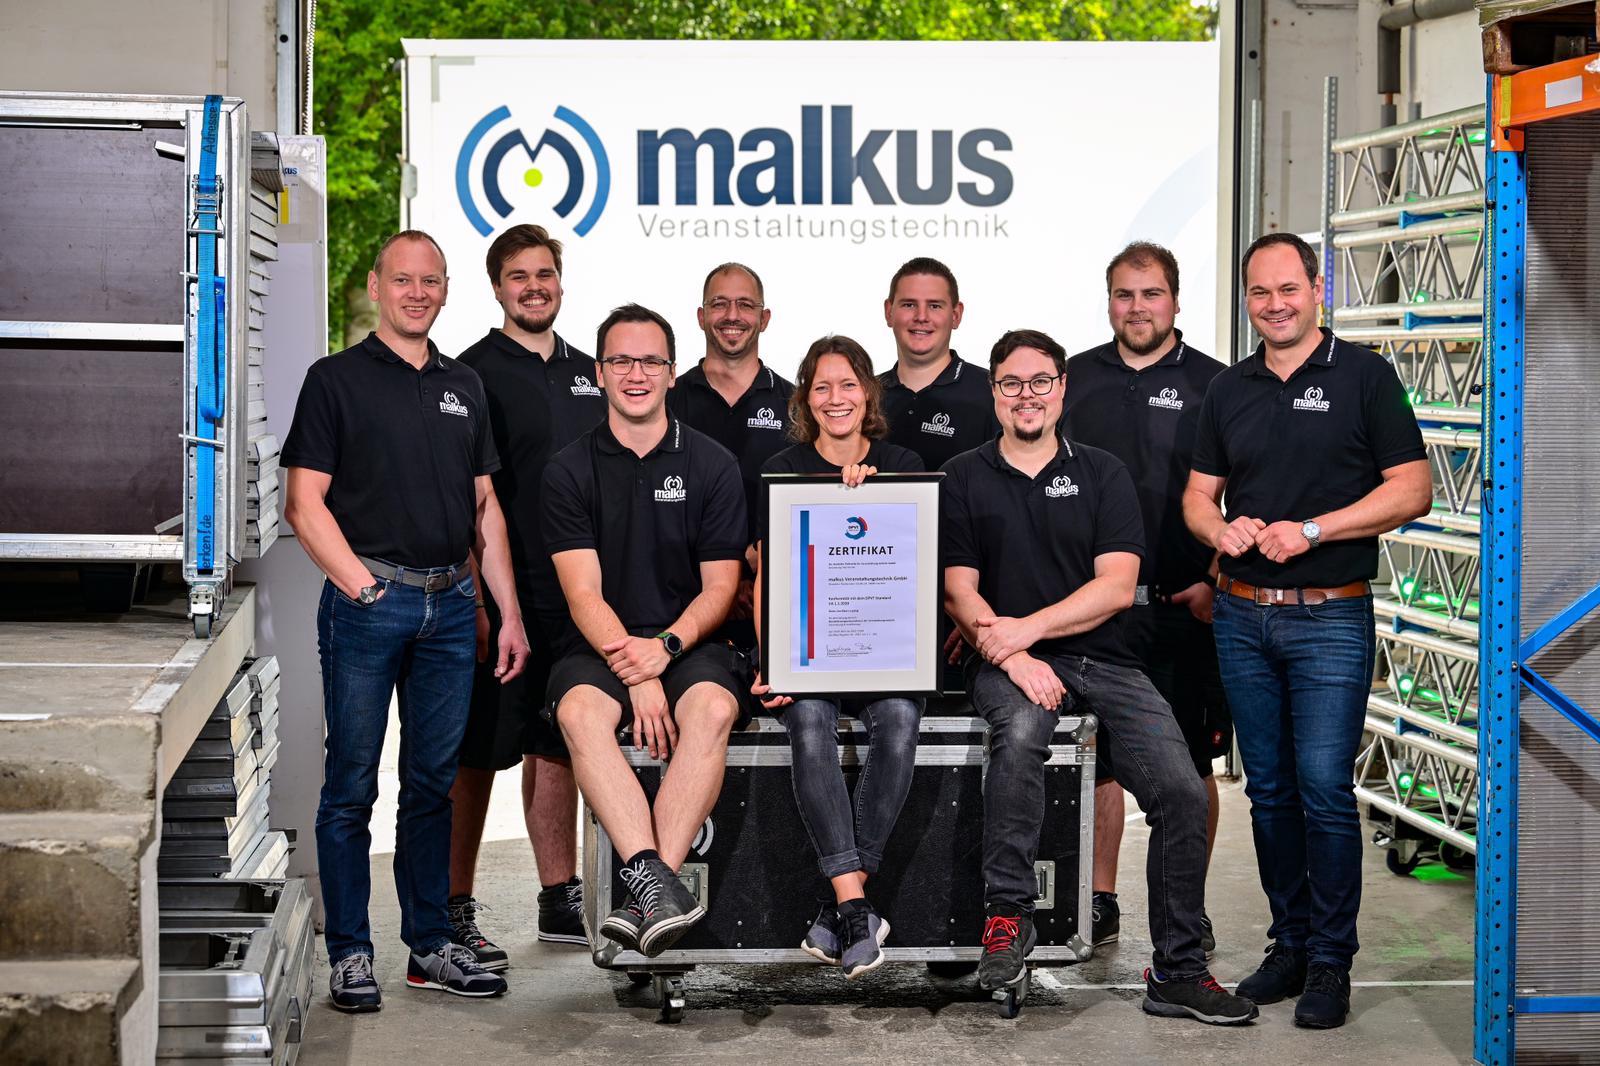 malkus-Team mit DPVT-Zertifikat (Foto: malkus GmbH)